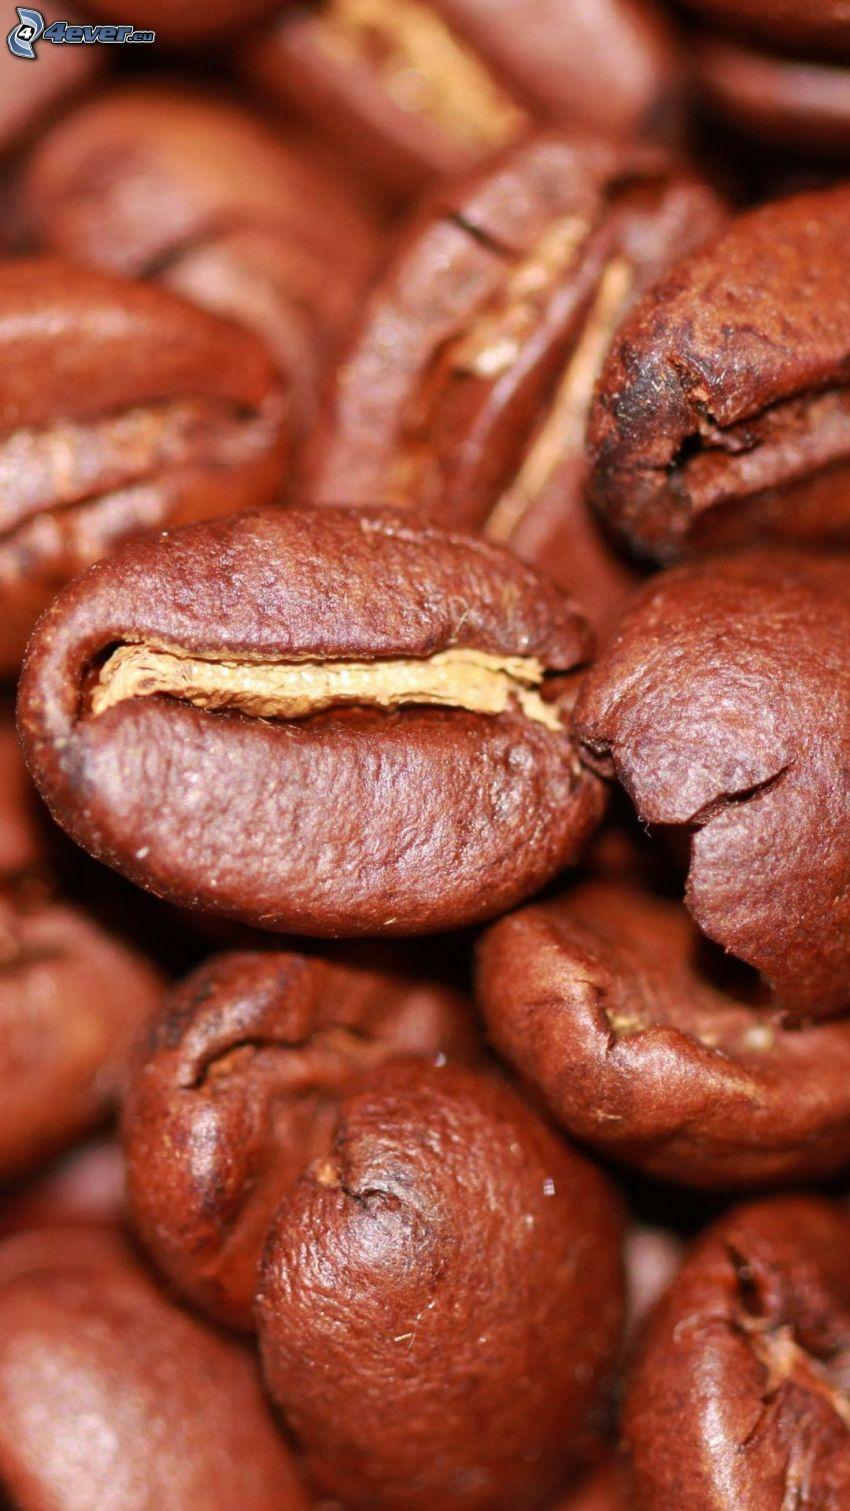 granos de café, macro